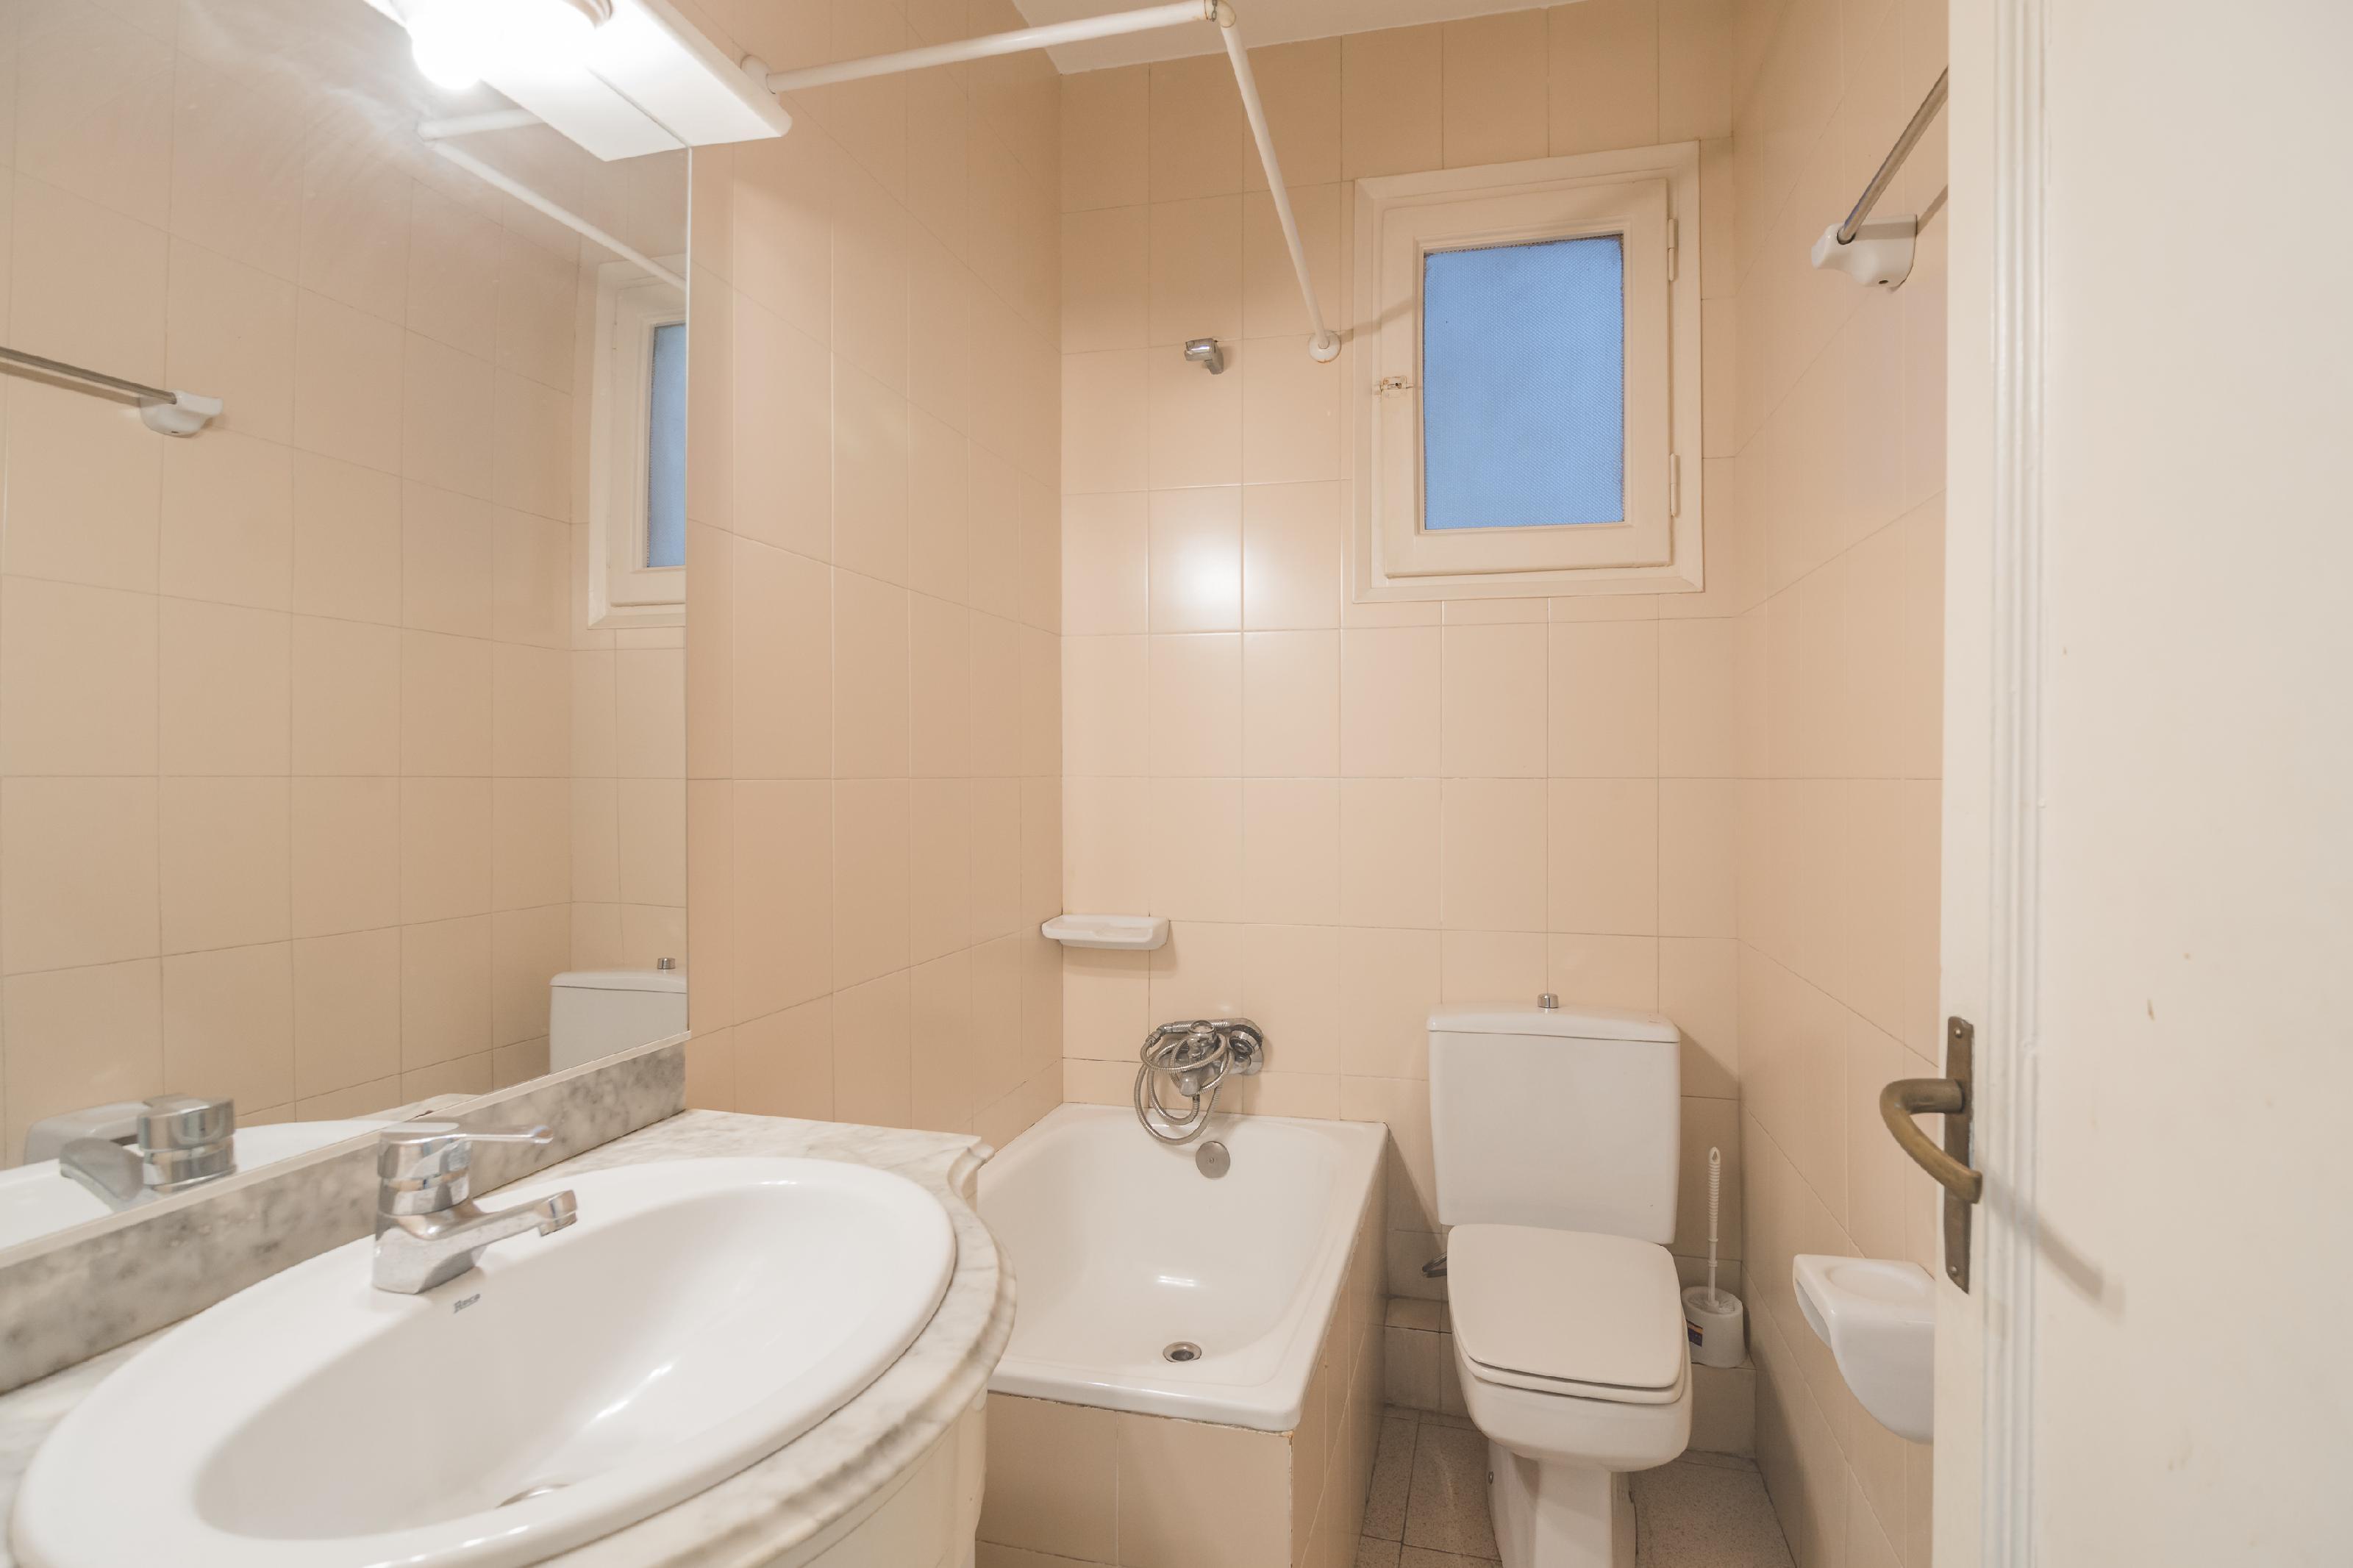 246347 Flat for sale in Sarrià-Sant Gervasi, St. Gervasi-Bonanova 25